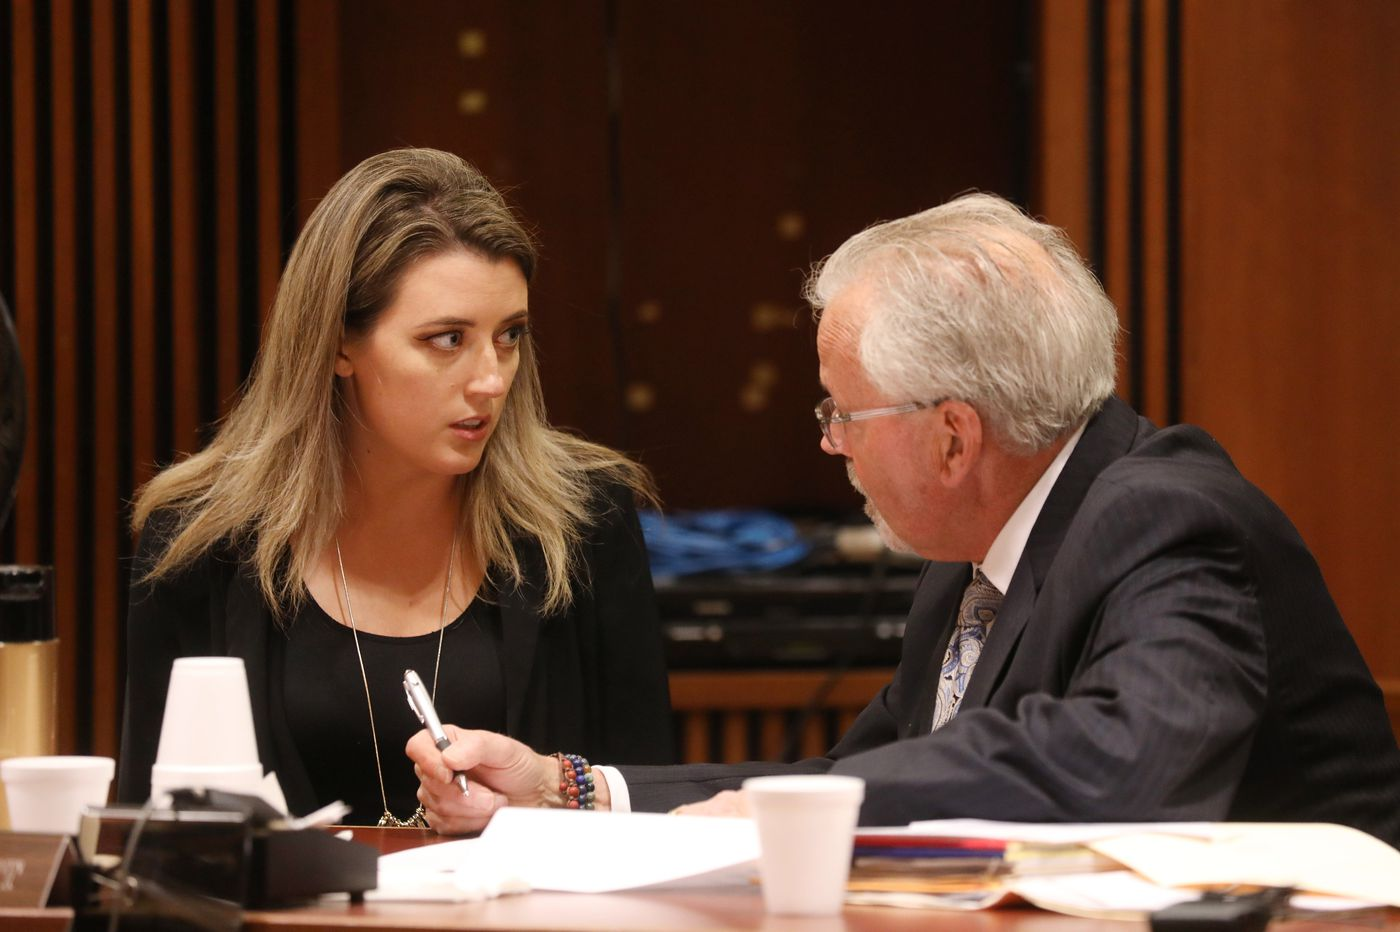 N.J. woman pleads guilty in $400K GoFundMe scam with homeless vet Johnny Bobbitt